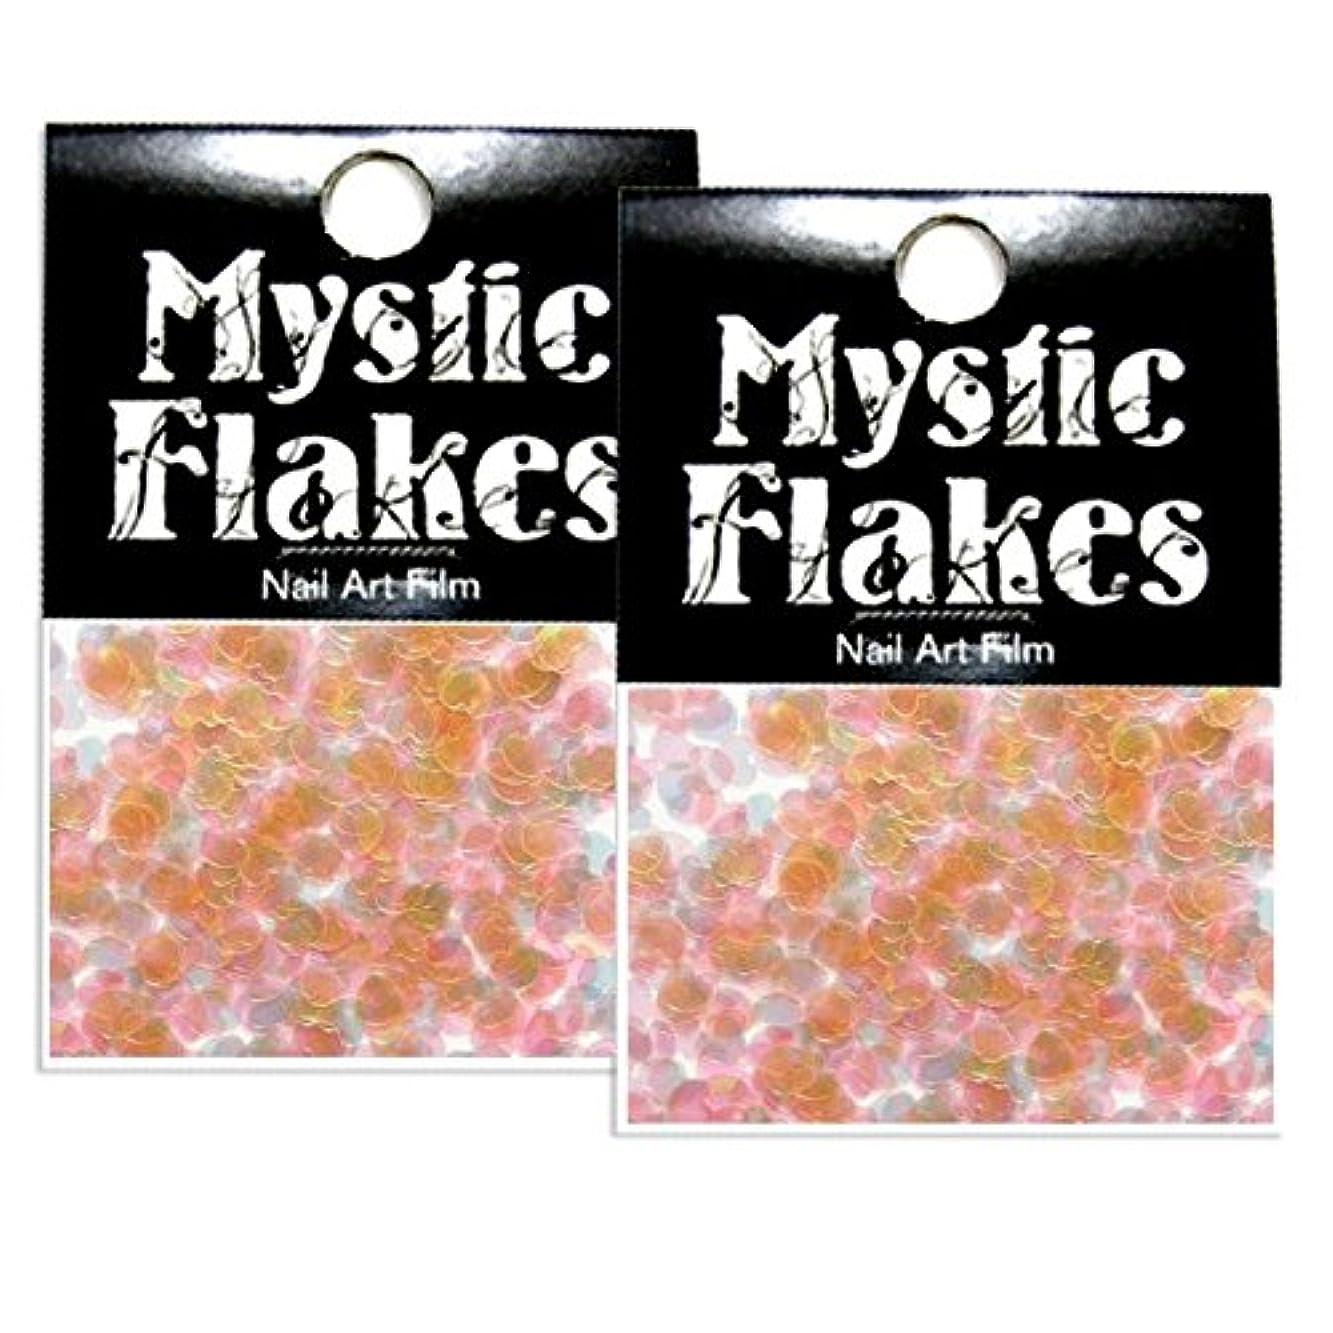 死んでいる簡潔な早熟ミスティックフレース ネイル用ストーン パールオレンジ ミニハート 0.5g 2個セット